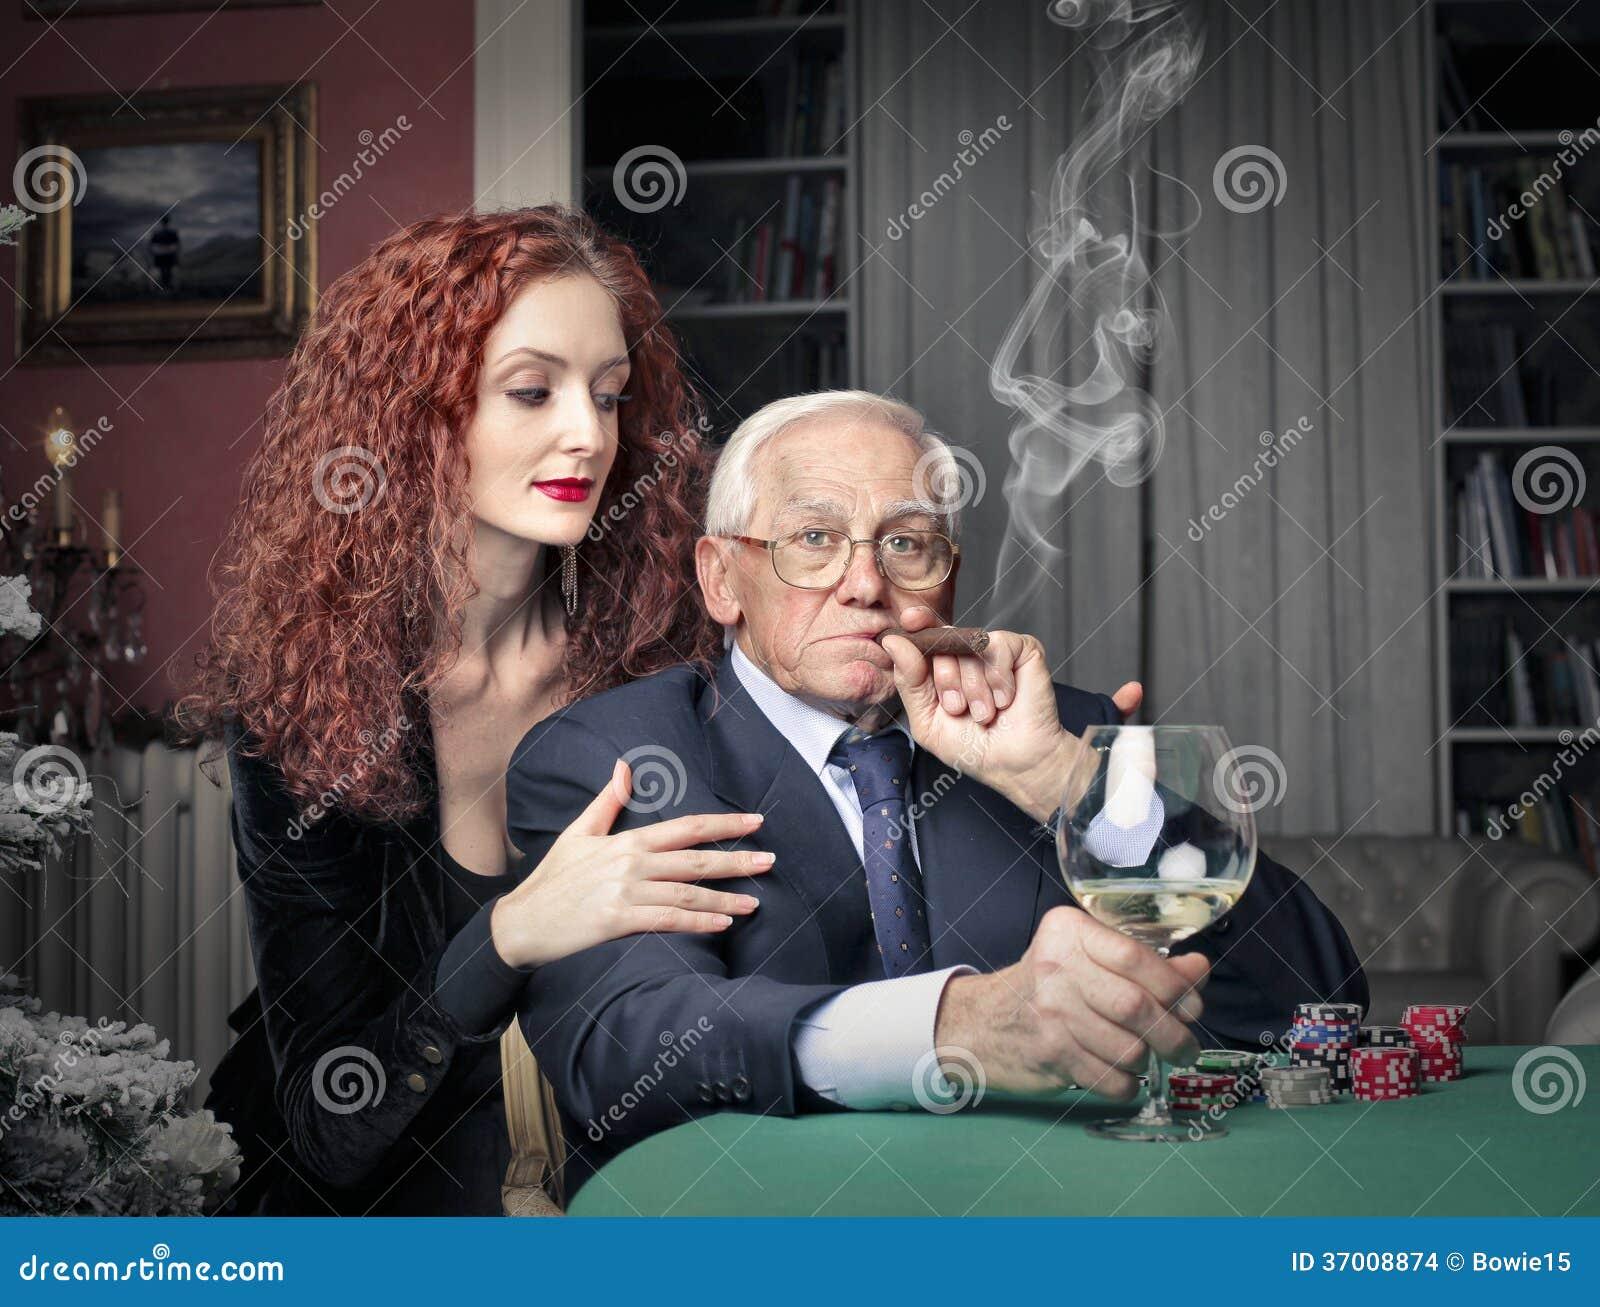 Старые мужчины с юными девочками фото 16 фотография